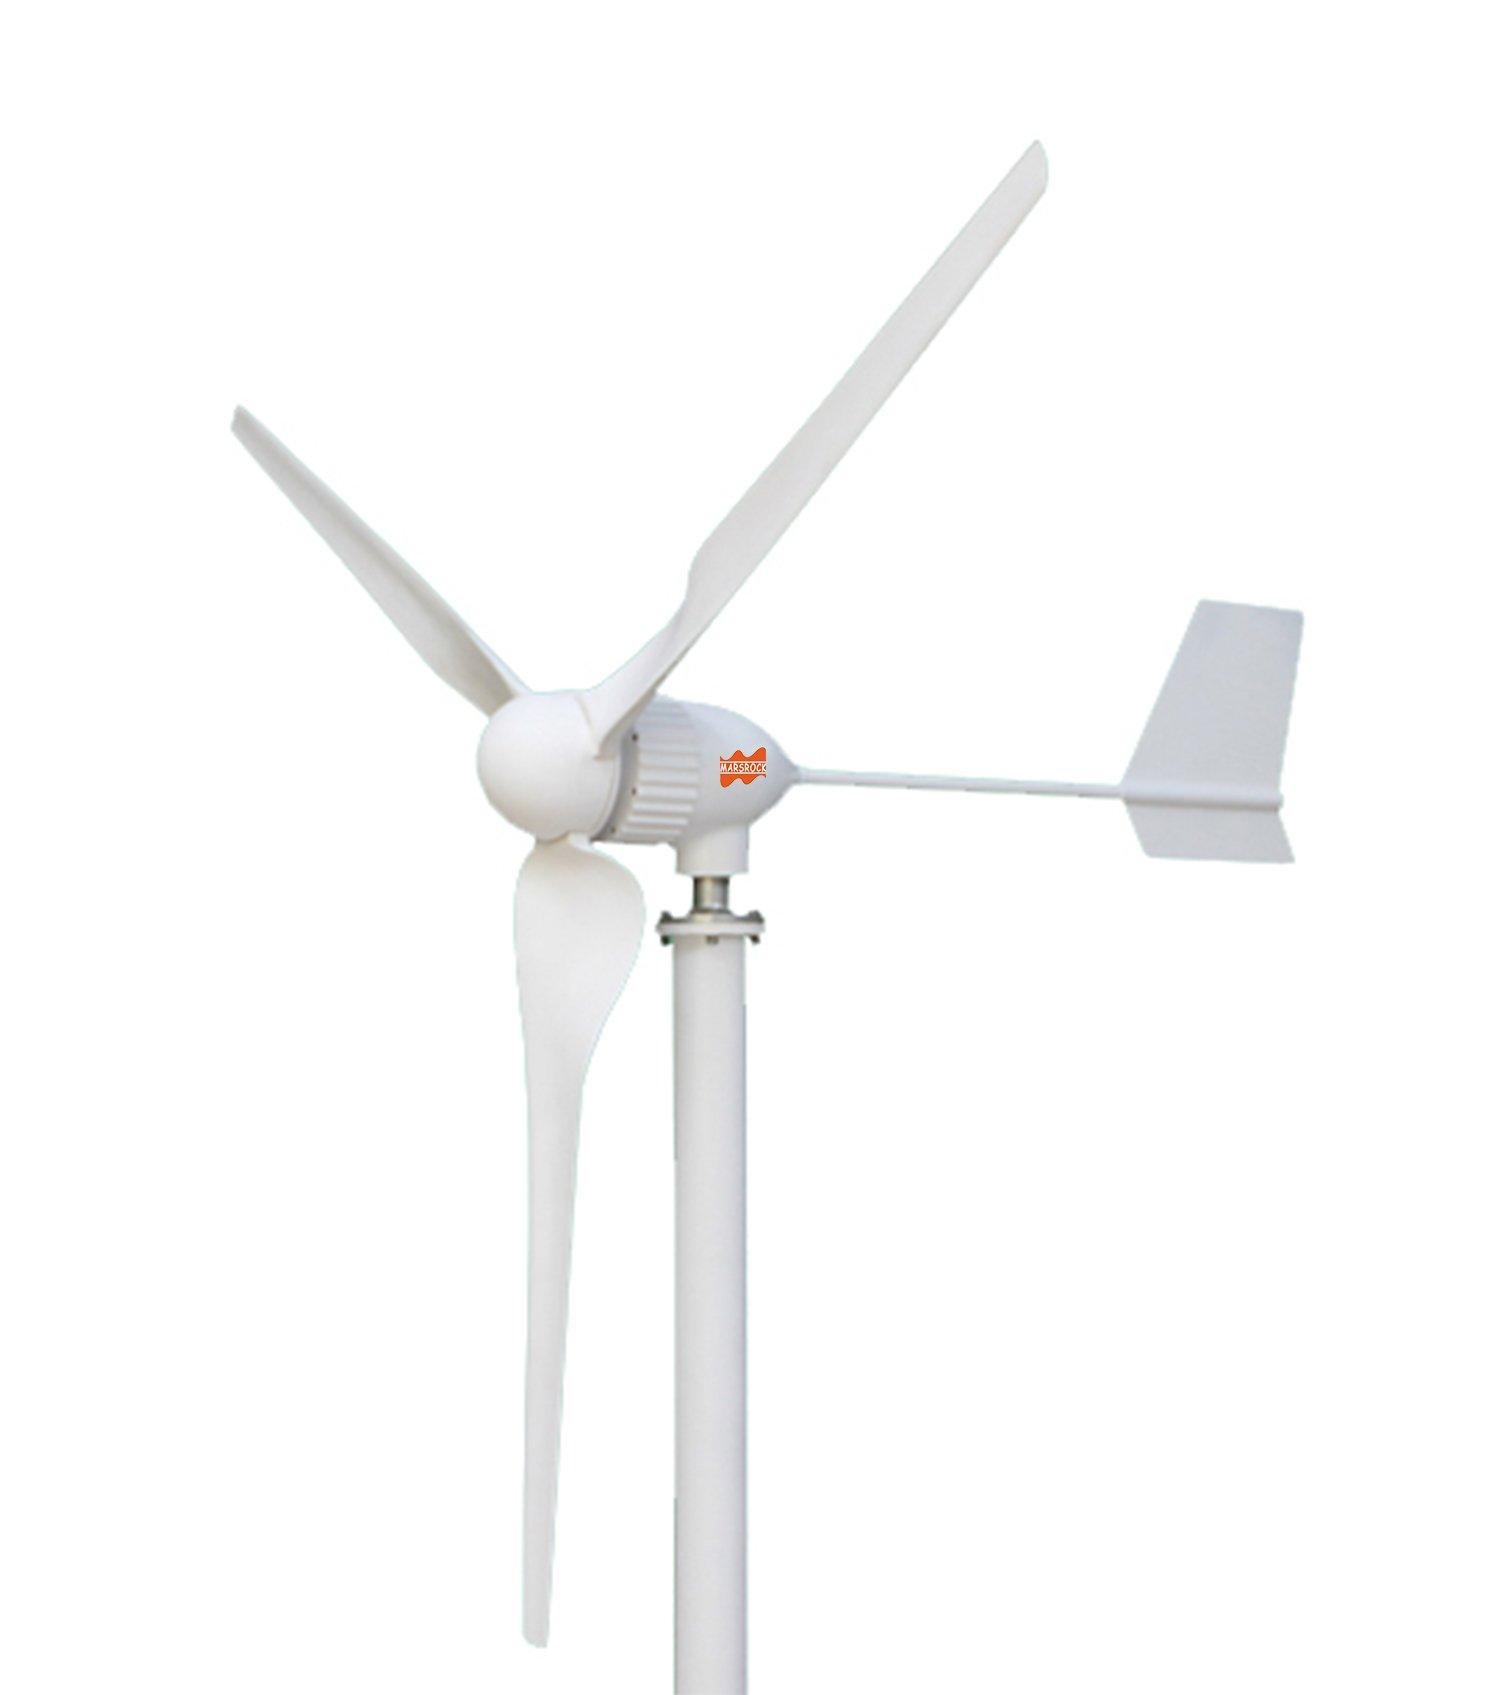 MarsRock Waterproof Wind Turbine with Controller 2.5m/s Start-up Wind Speed Three Phase Wind Turbine Generator with 800Watt/1000Watt 24V/48V 3 Blades Windmill (800W 48V )